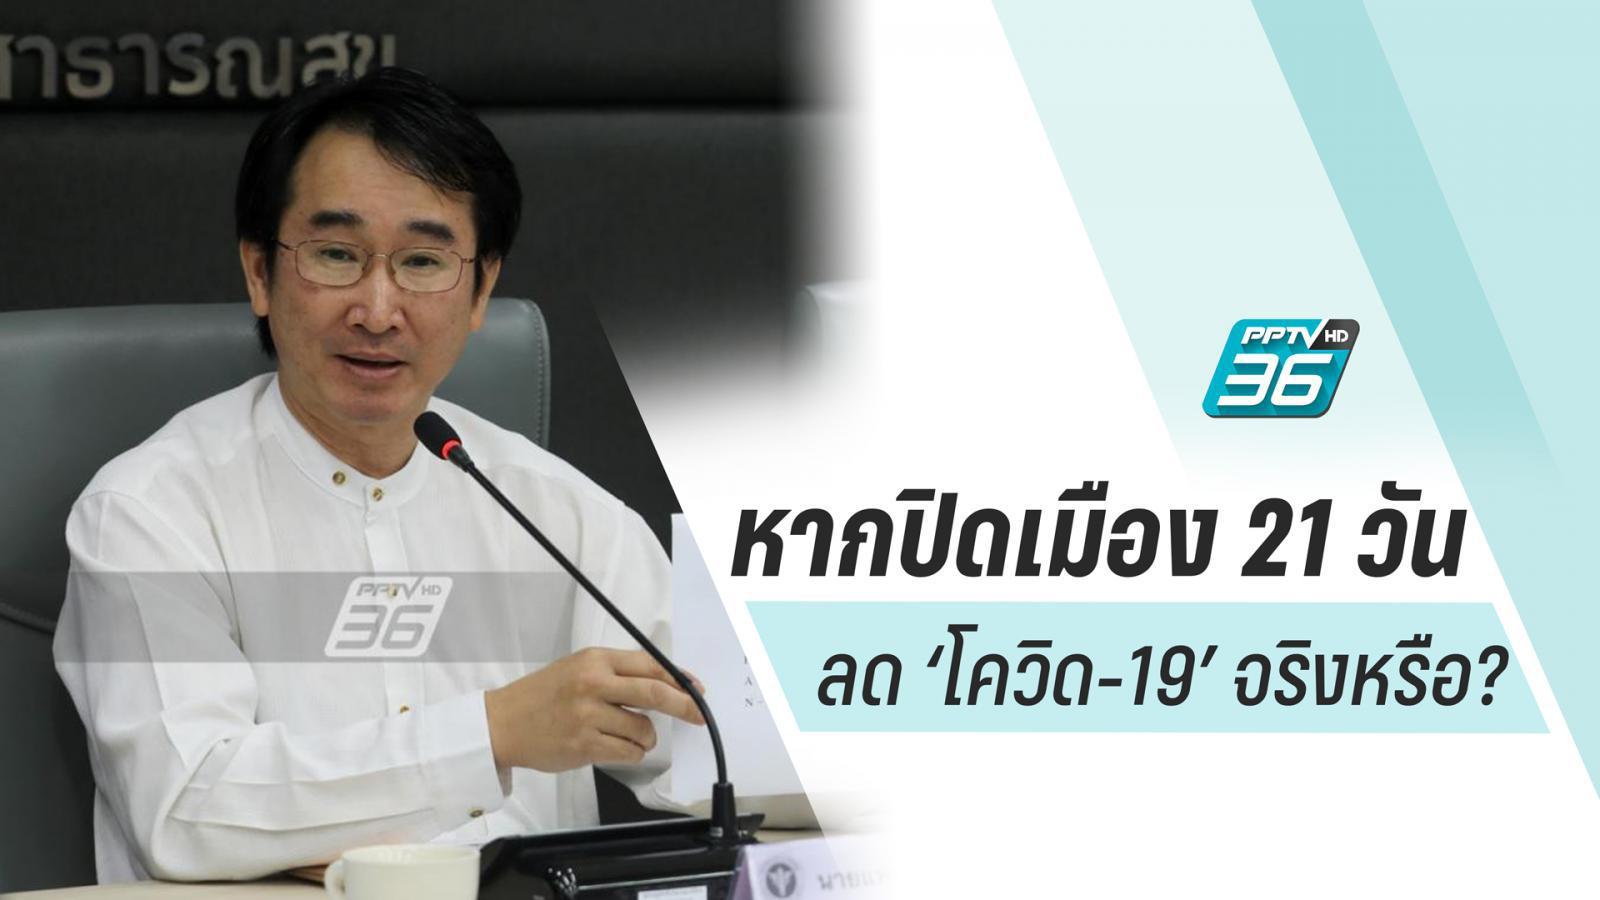 """""""หมอธนรักษ์"""" ตอบแล้ว! หากไทย 'ปิดเมือง 21 วัน' ช่วย """"โควิด-19"""" จบจริงหรือไม่?"""